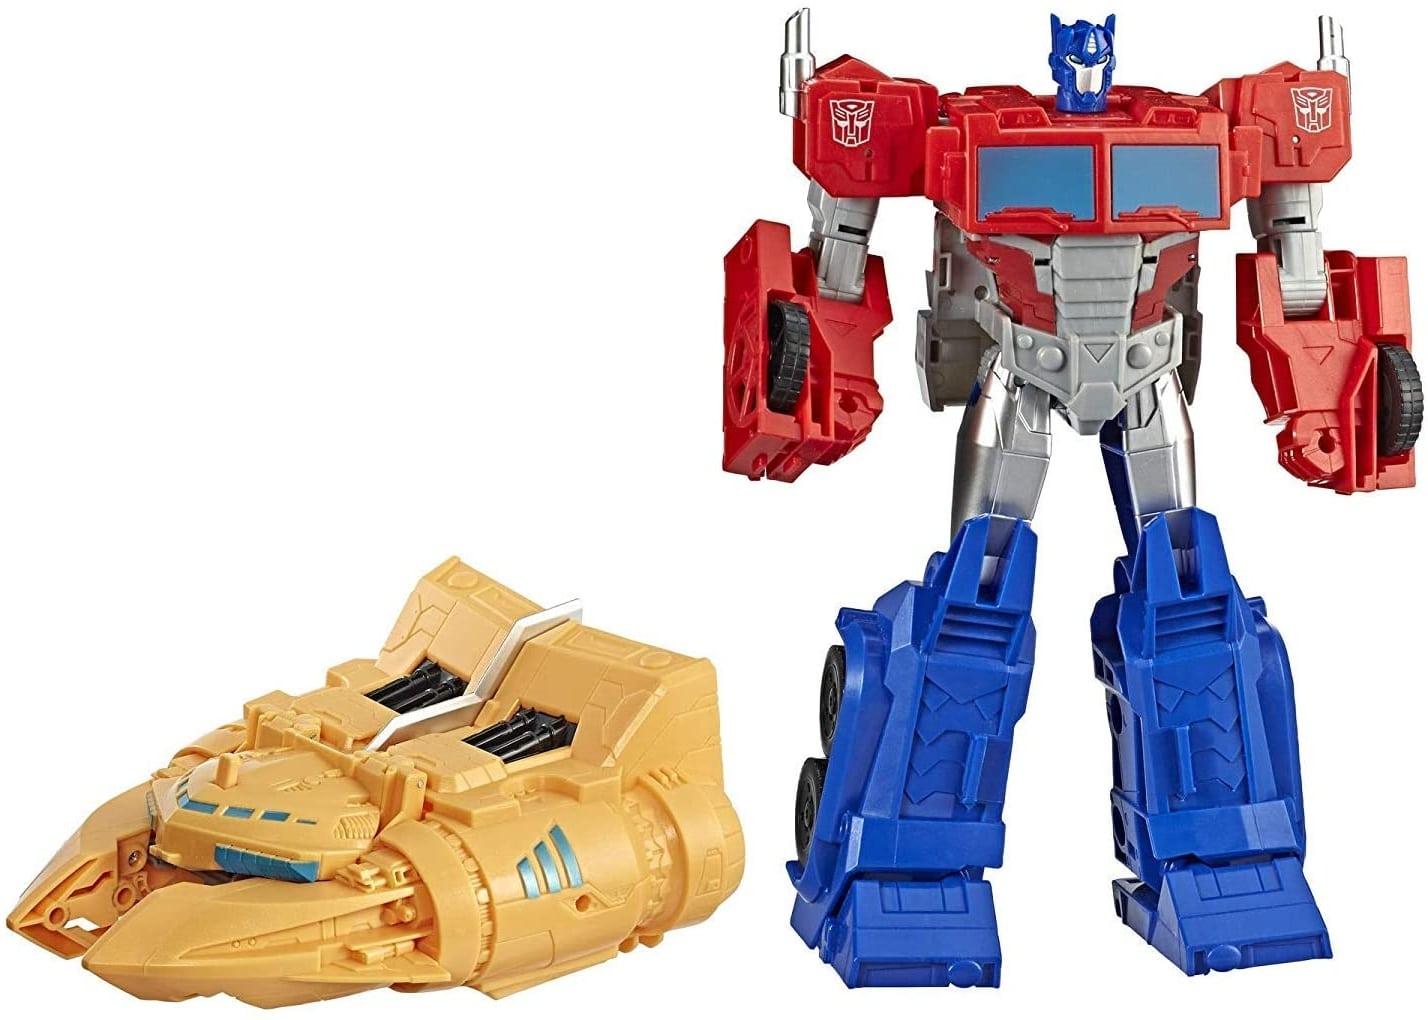 jouet transformers studio series jouet transformers prime jouet transformers optimus prime jouet transformers hasbro jouet transformers dinosaure jouet transformers cyberverse jouet transformers bumblebee